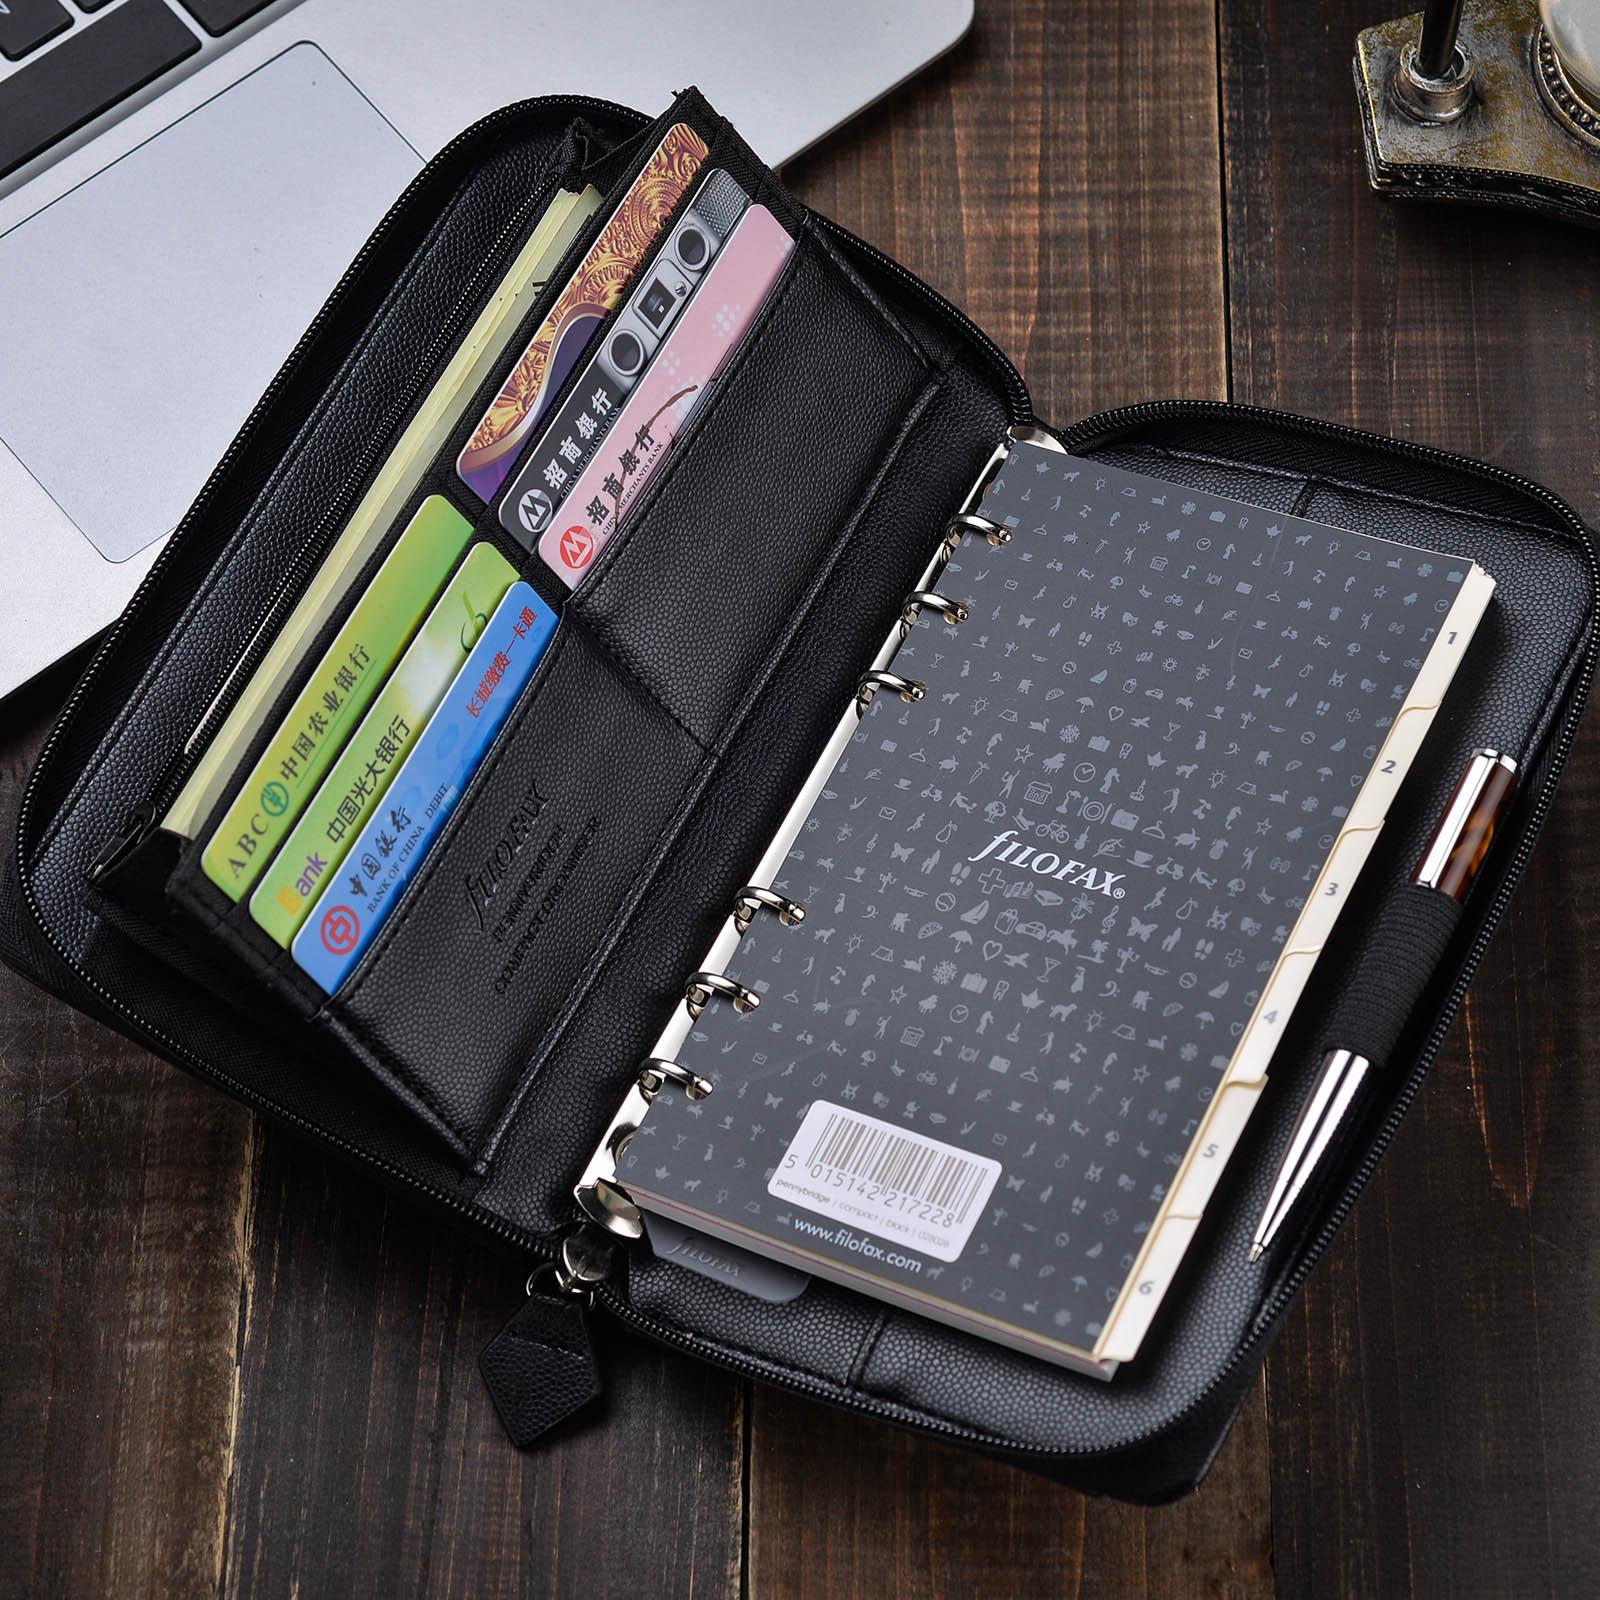 英国进口filofax compact Zip A6 拉链包 活页本笔记本记事本手包